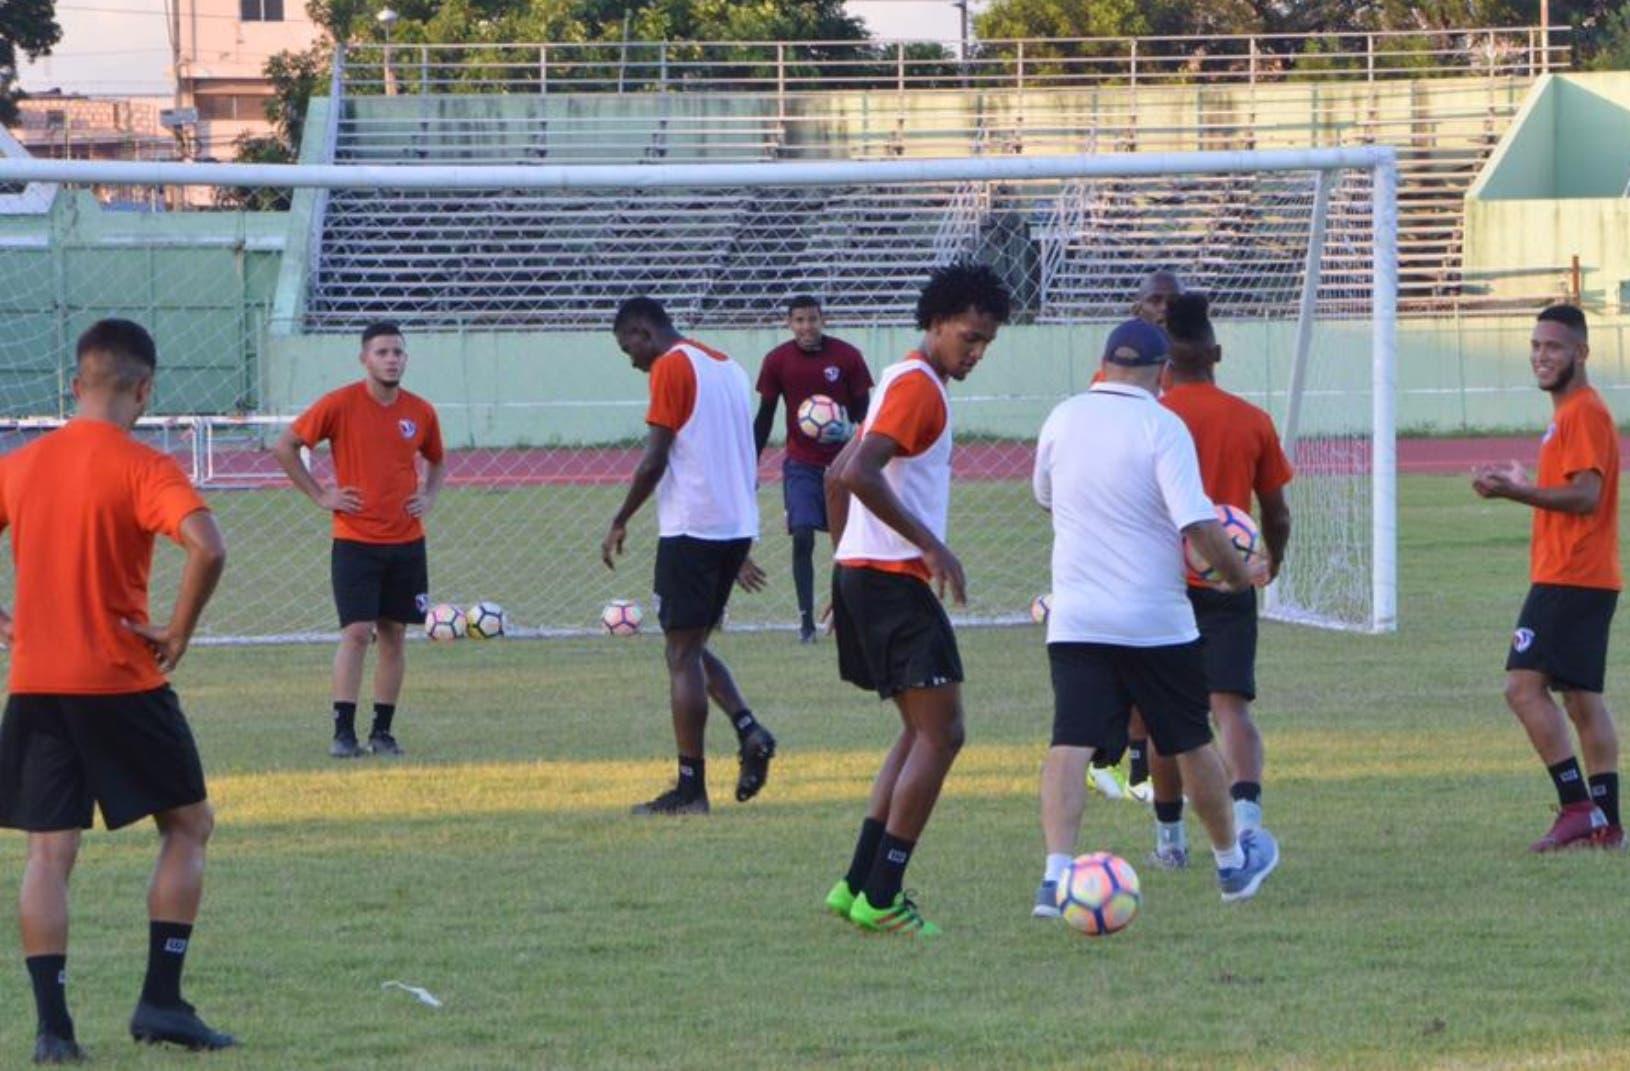 Pese a la dífícil situación del fútbol dominicano, los eventos siguen su ritmo normal, aunque con precariedad.